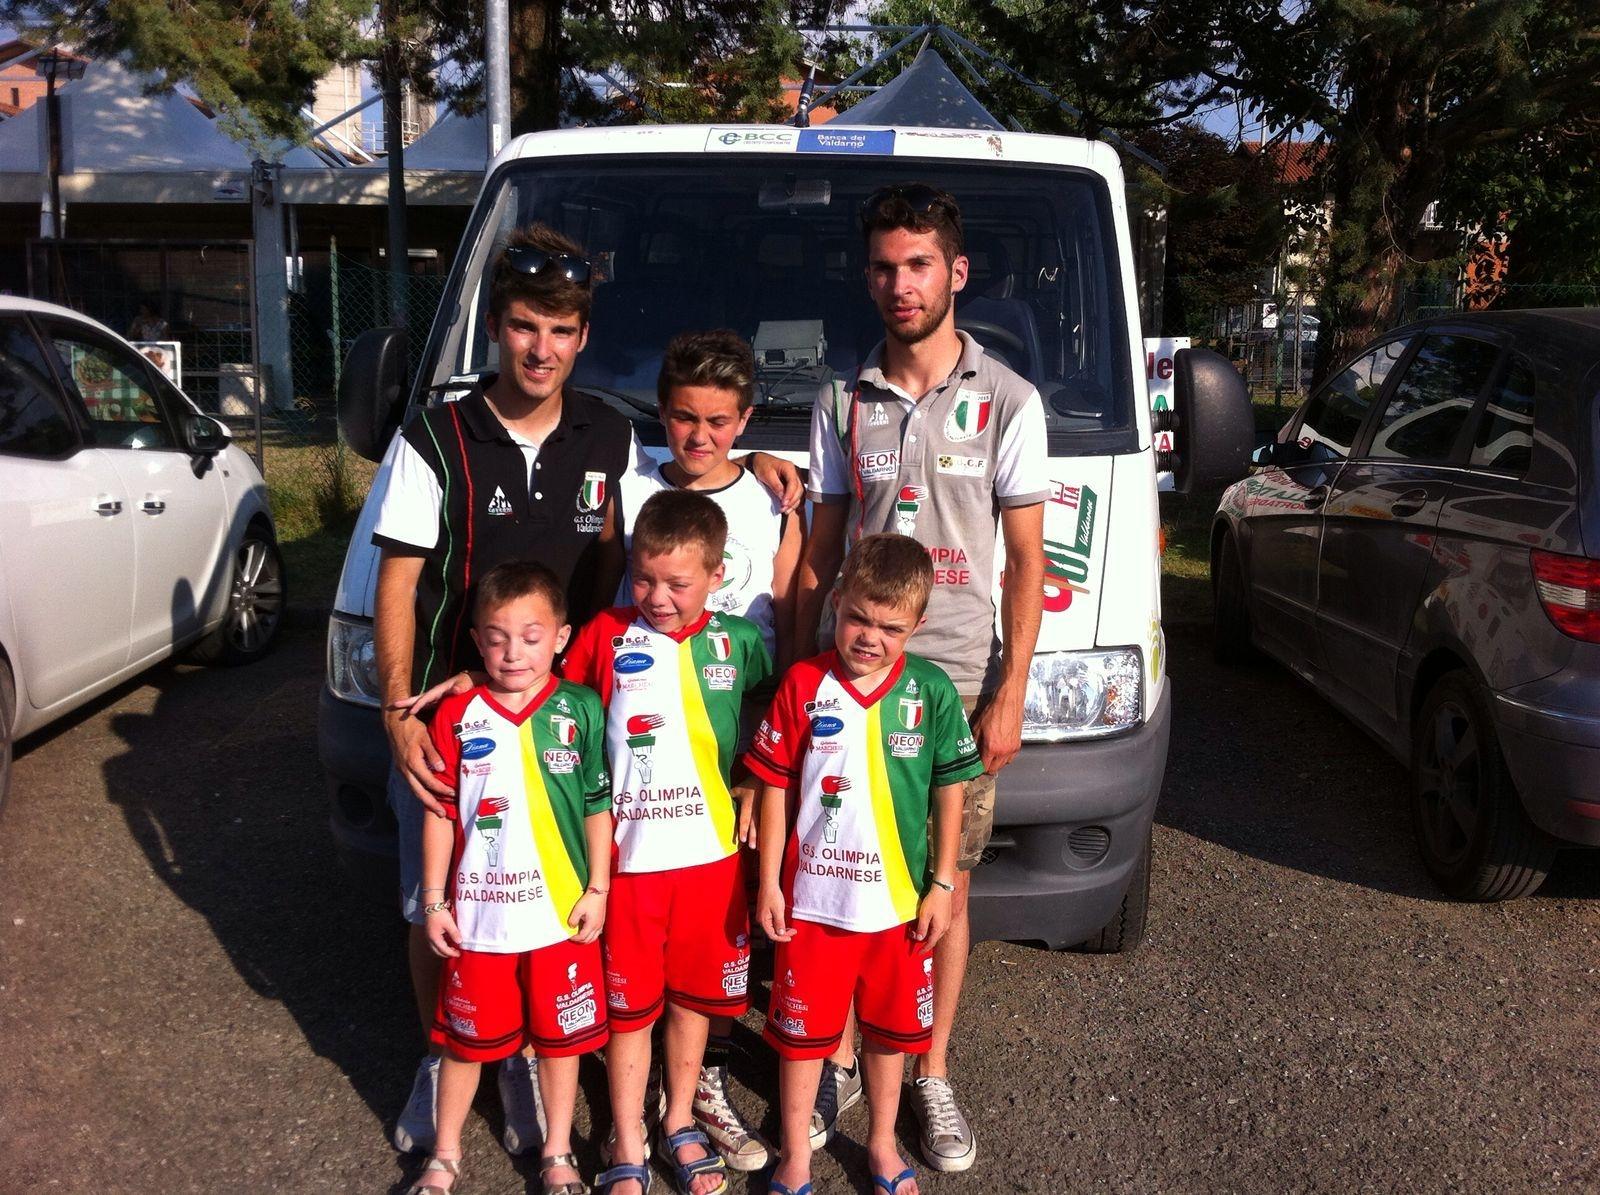 Ciclismo giovanissimi, ancora un podio per Tommaso Roggi